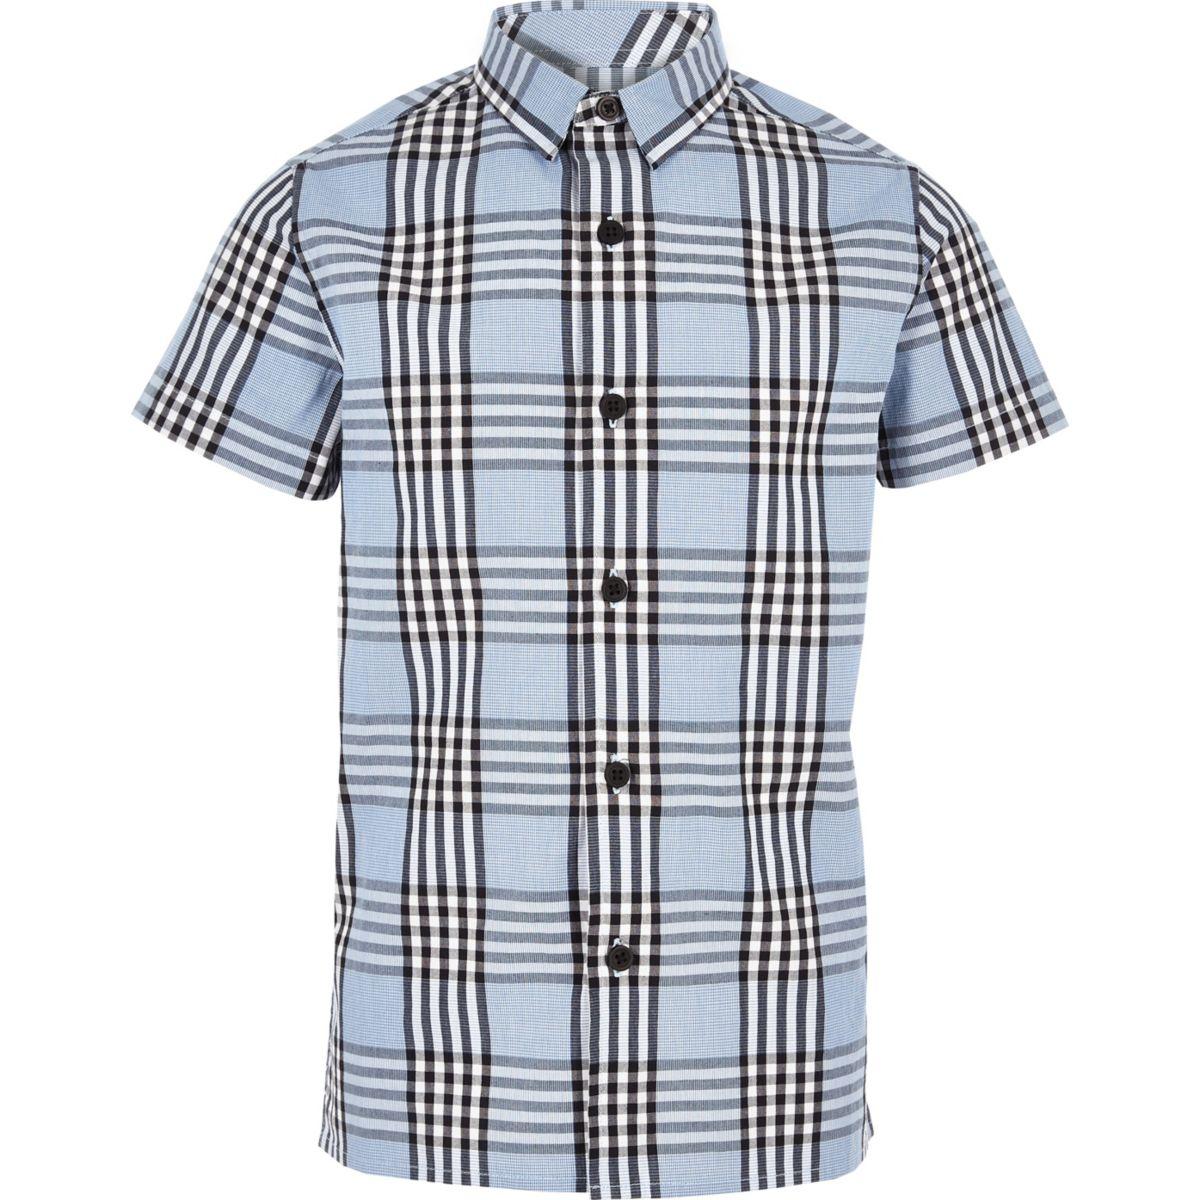 Chemise bleue à manches courtes et carreaux pour garçon